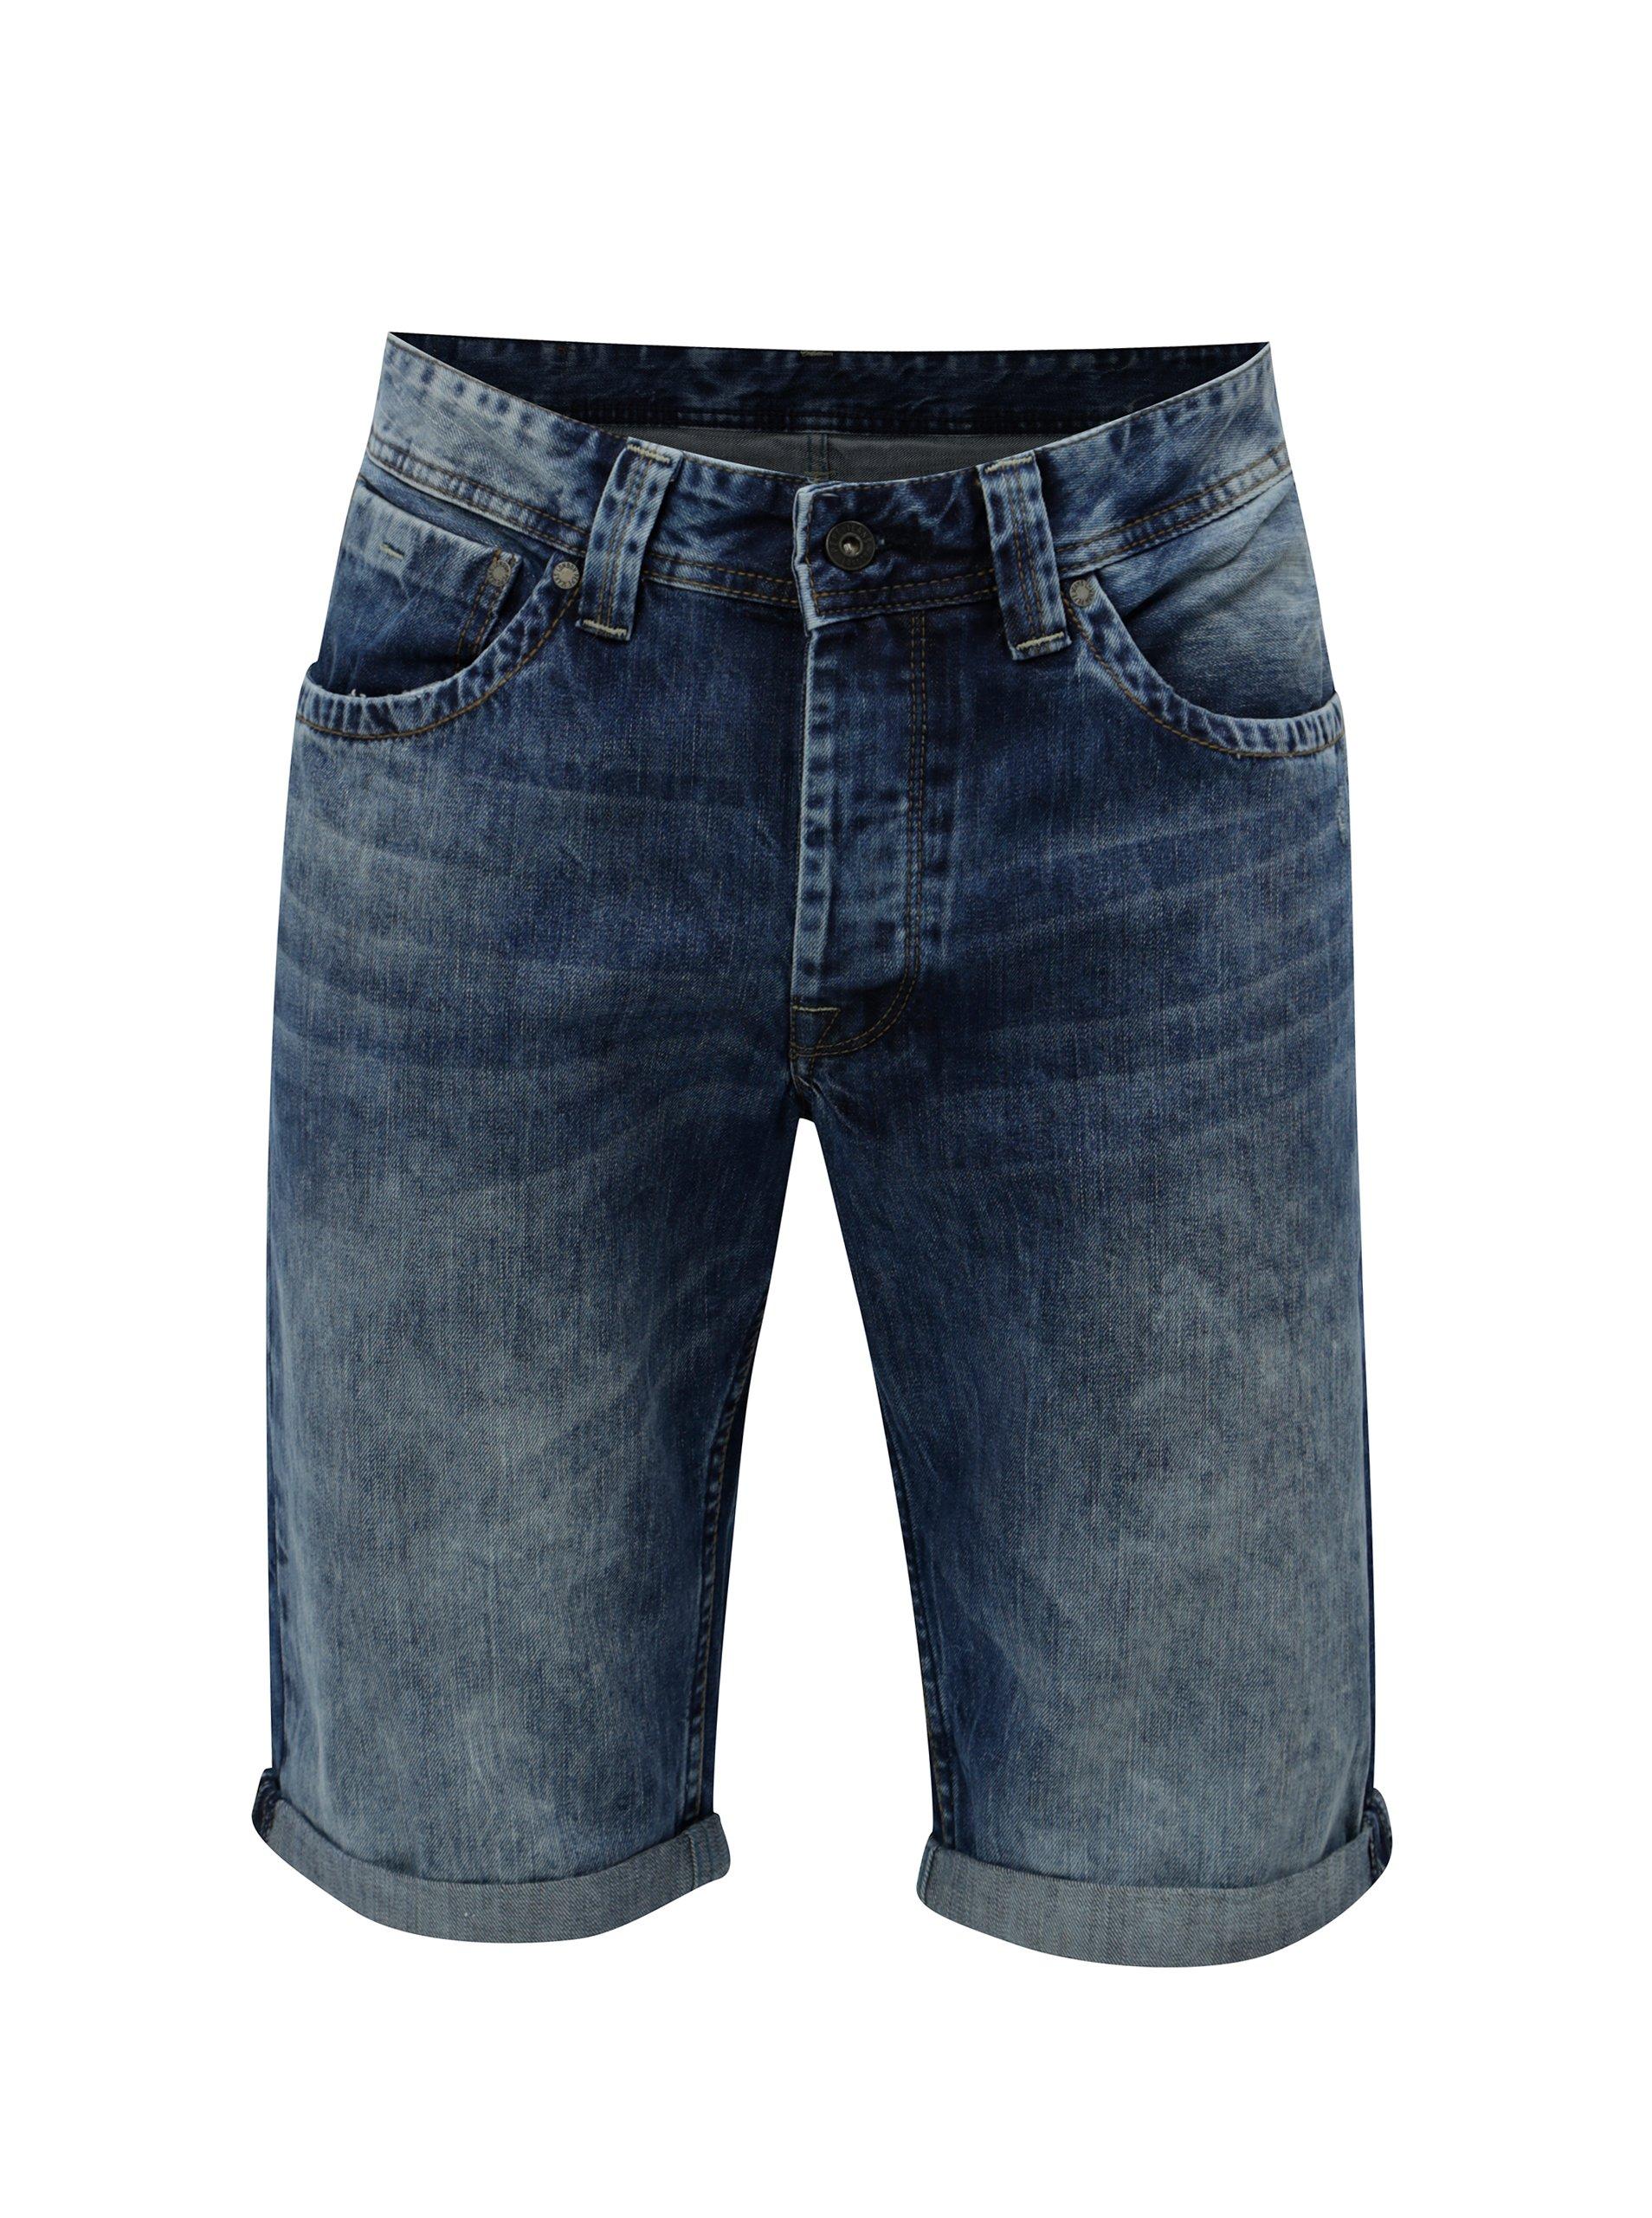 c9660b039eb Tmavomodré pánske rifľové kraťasy Pepe Jeans Crash short